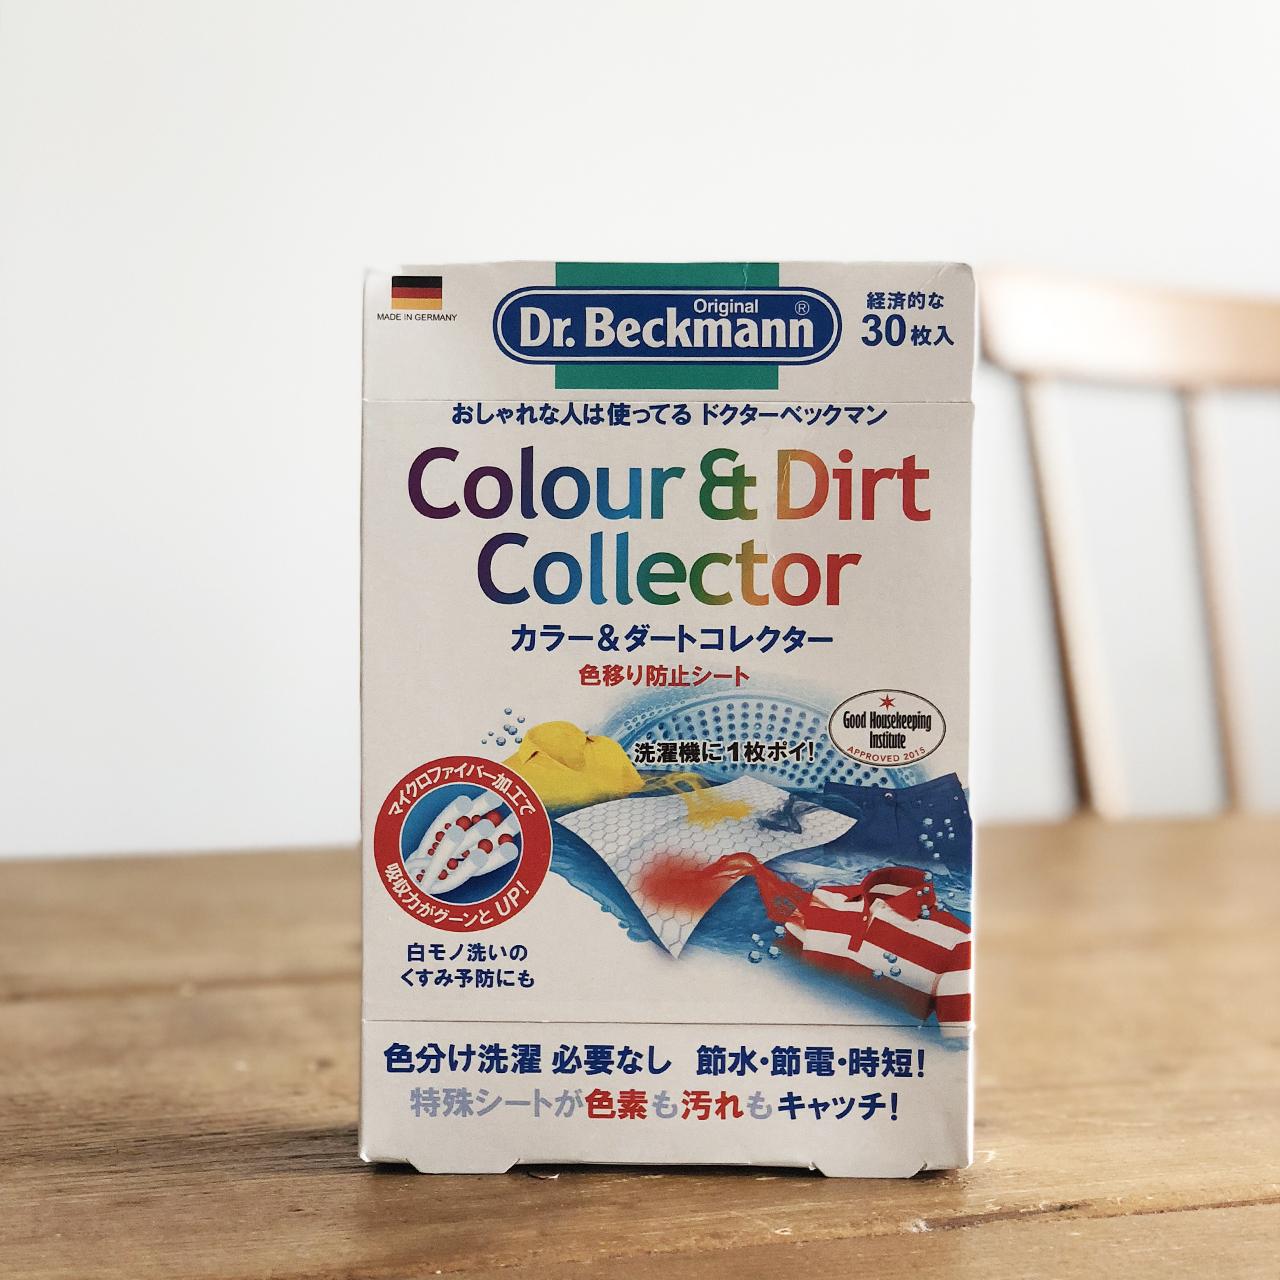 COLOUR & DIRT COLLECTOR / 衣類の色移り防止シート 30枚入り